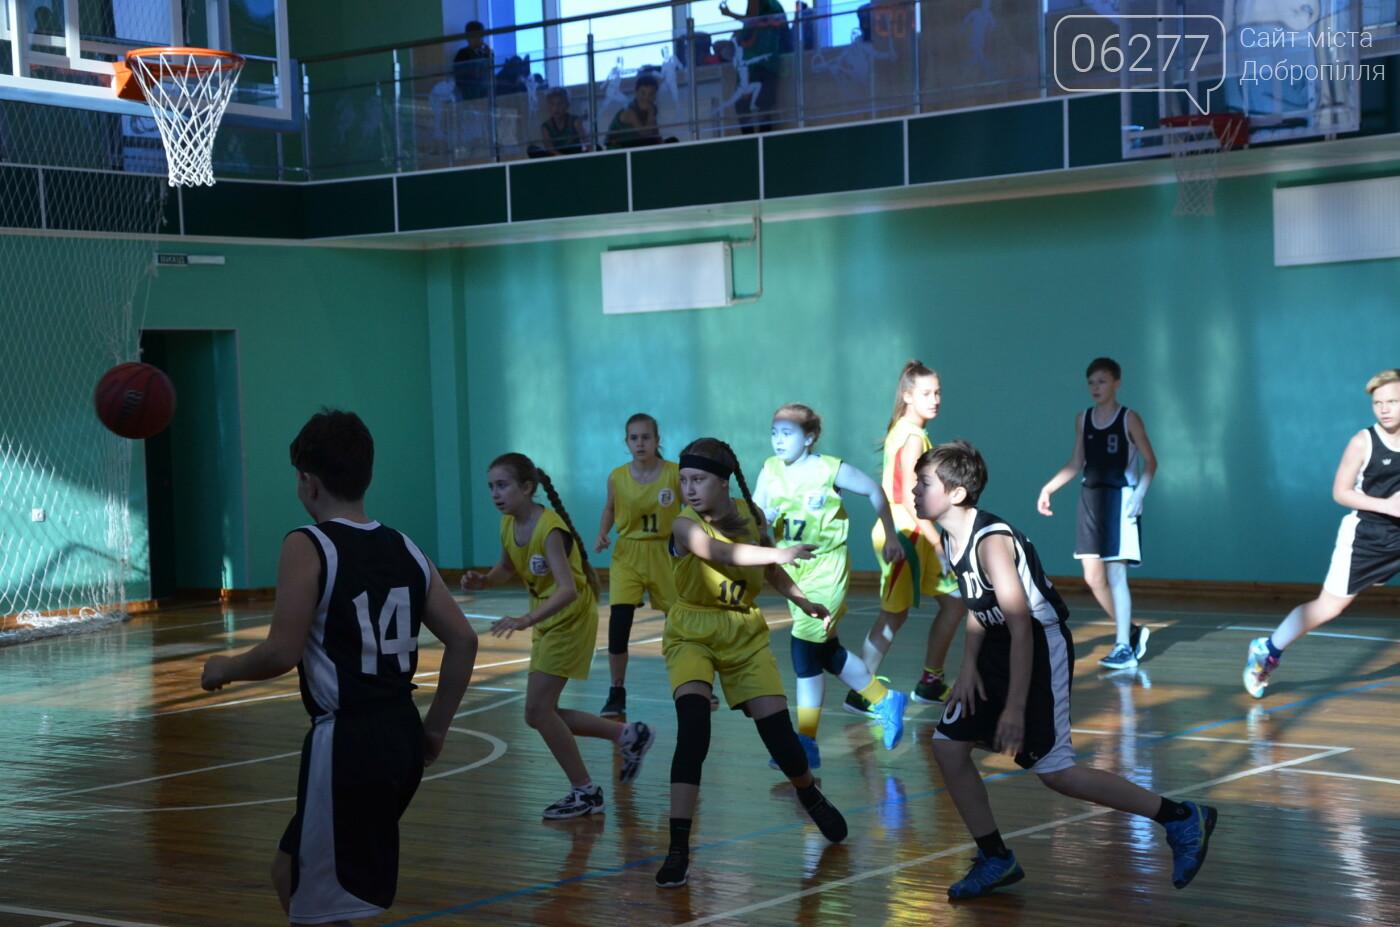 Відкрита Першість ДЮСШ з баскетболу відбулась у Добропіллі, фото-3